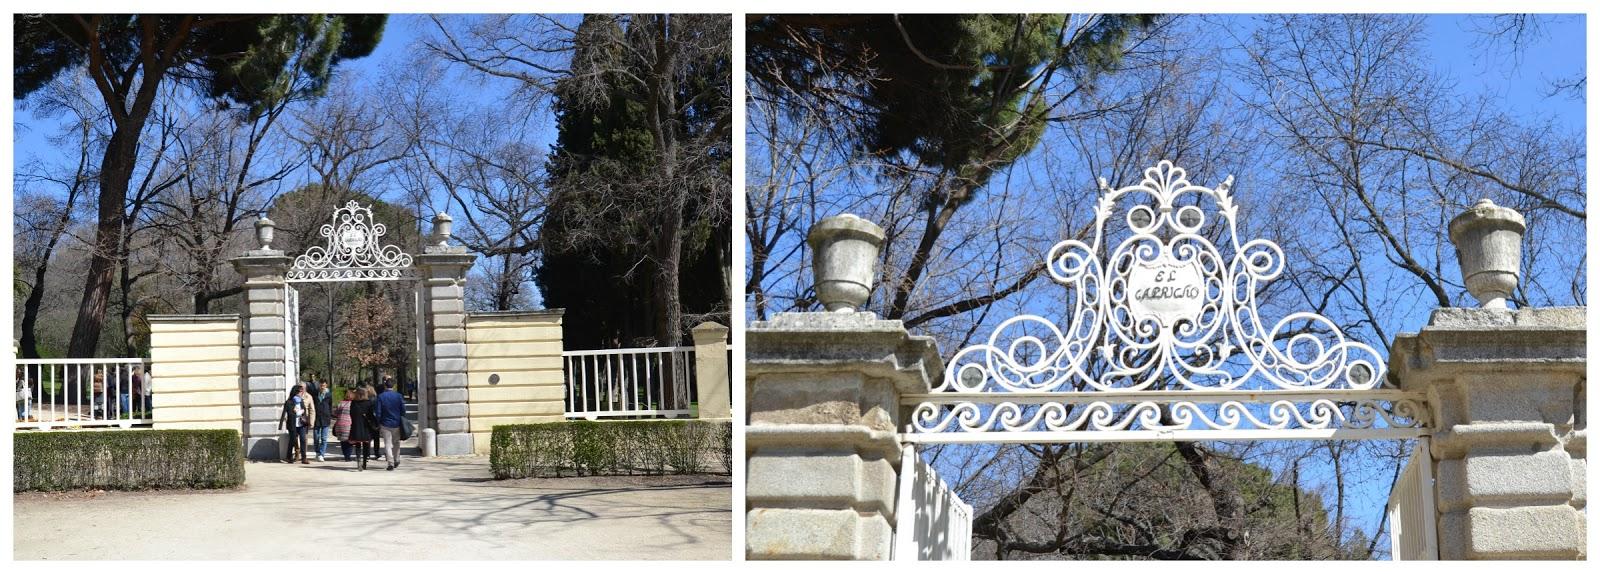 Pizquitas de todo parque el capricho for Jardin historico el capricho paseo alameda de osuna 25